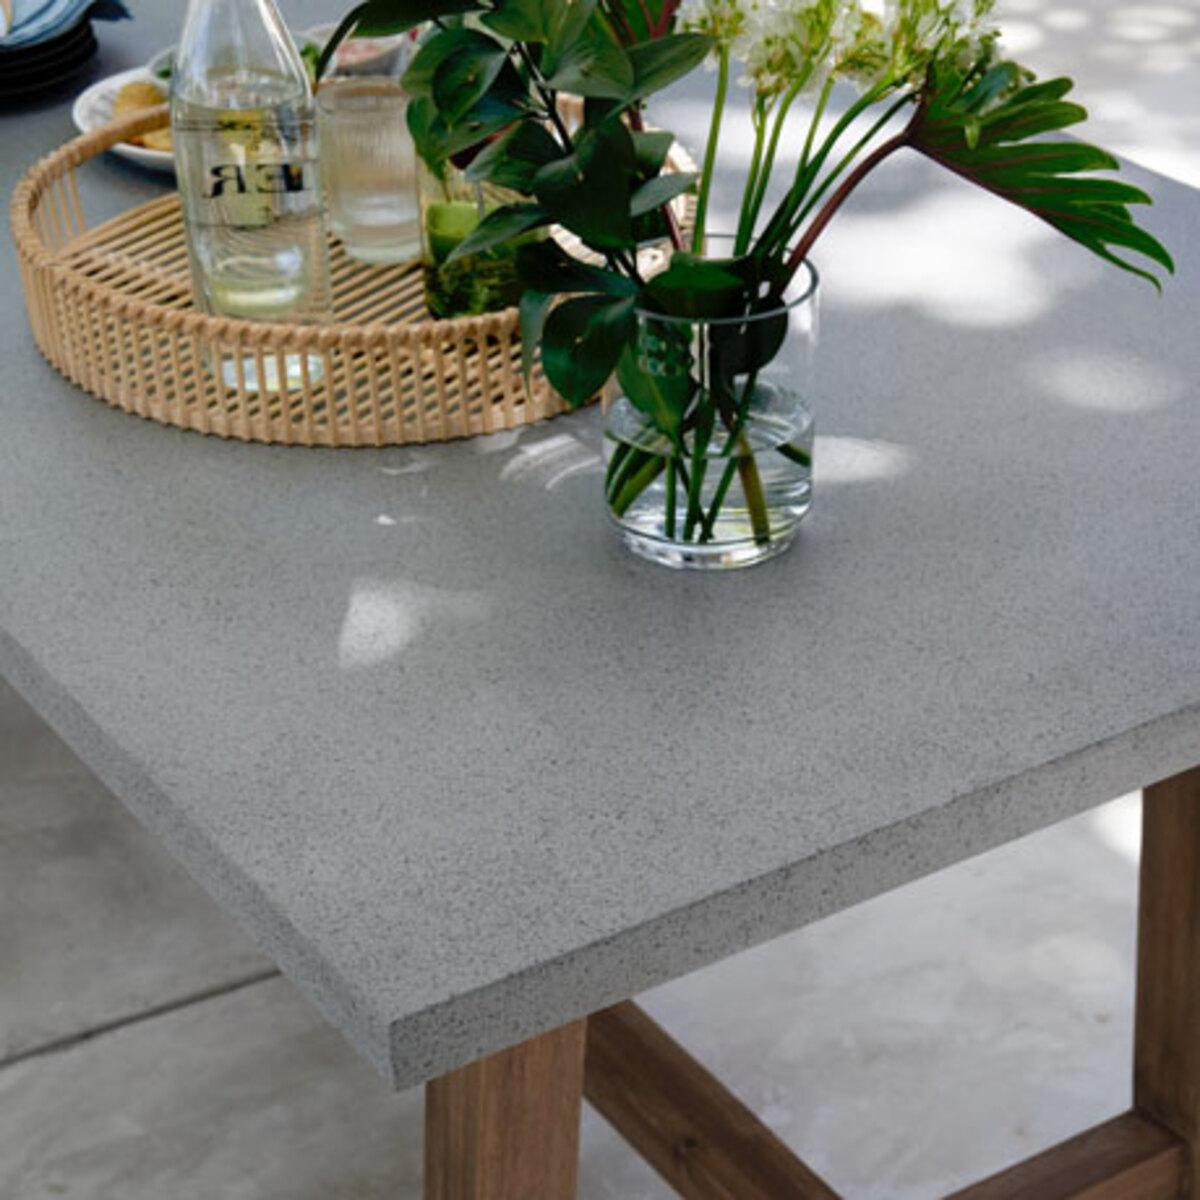 Bild 4 von Gartentisch in Betonoptik